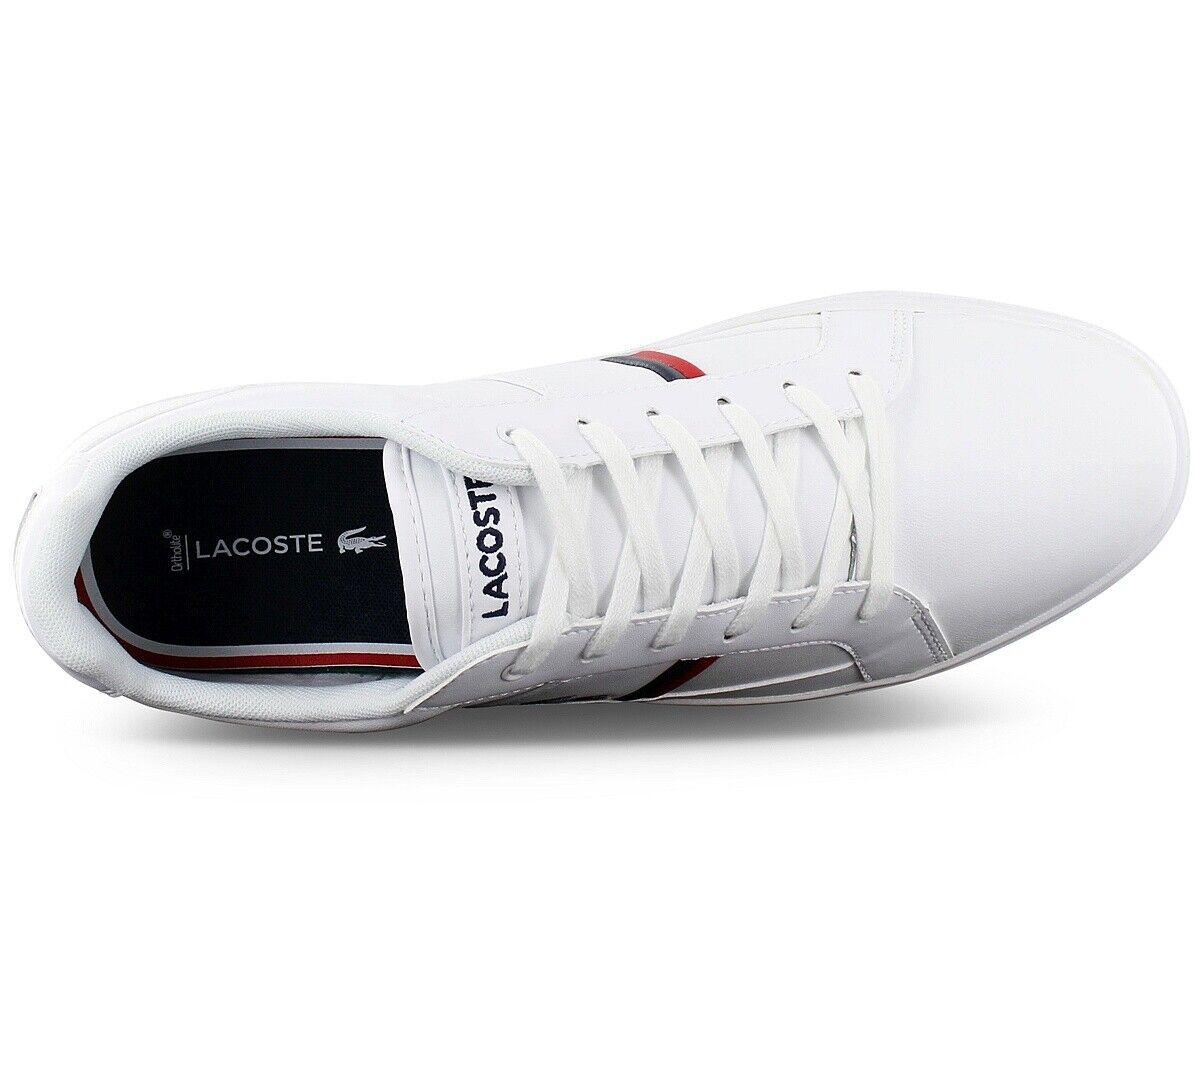 Lacoste europa TRI1 Tricolore Men's Sneaker White 7-39SMA0031407 Casual Shoes